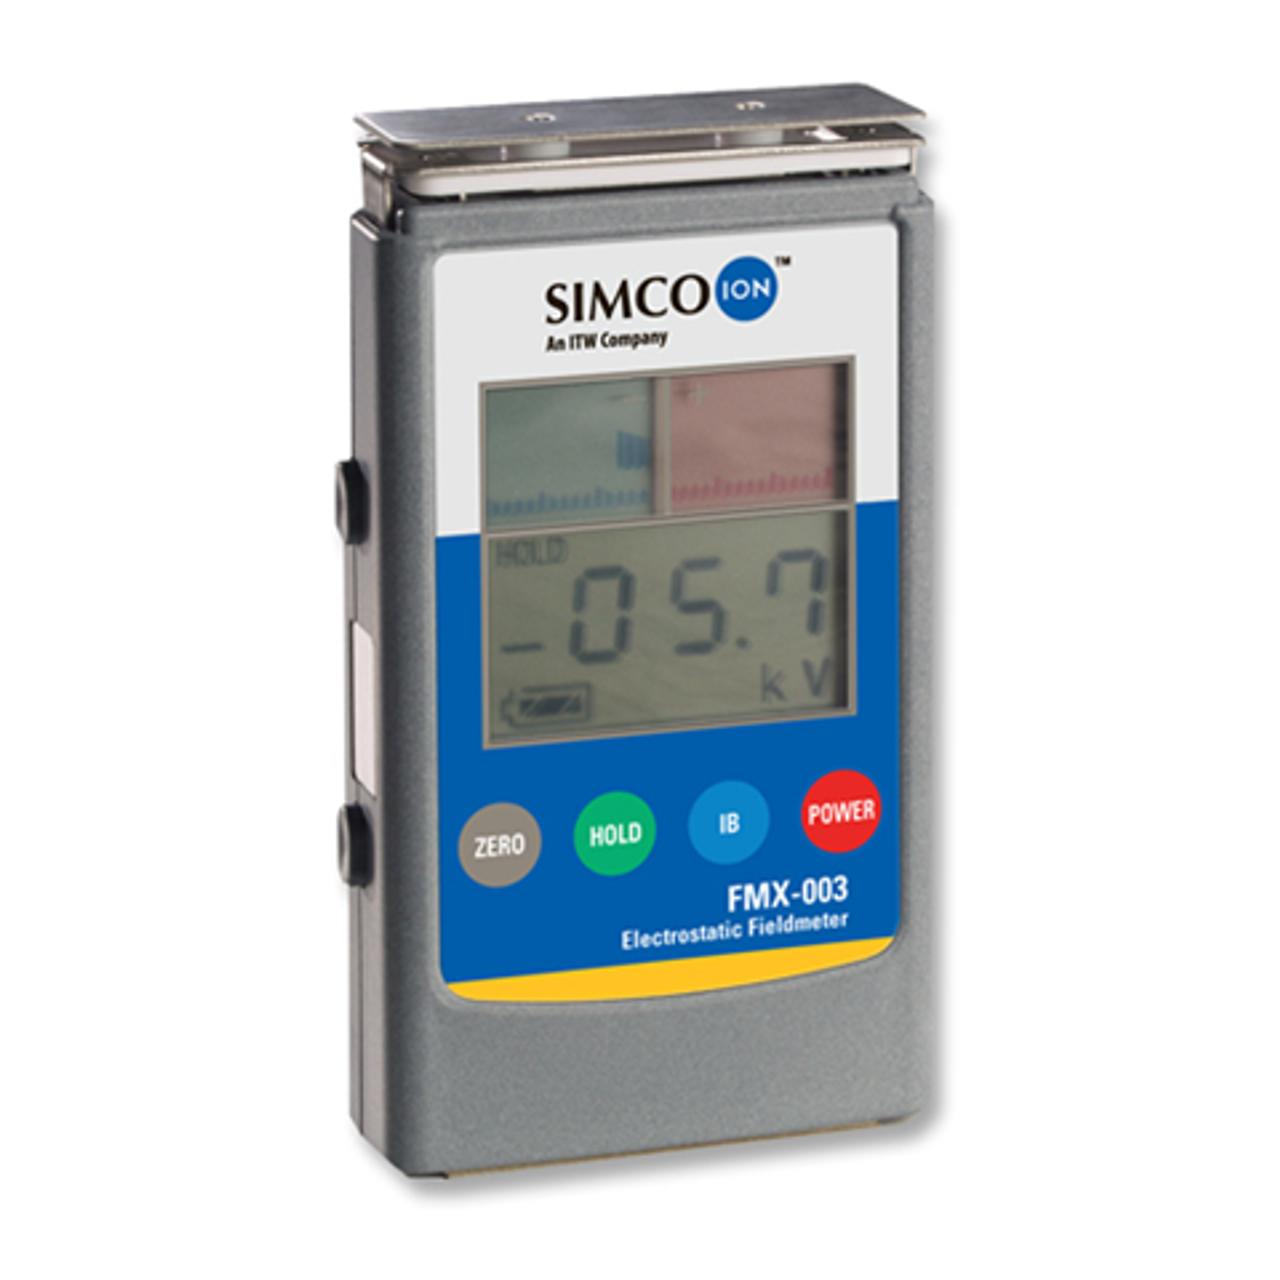 Electrostatic Fieldmeter FMX-004